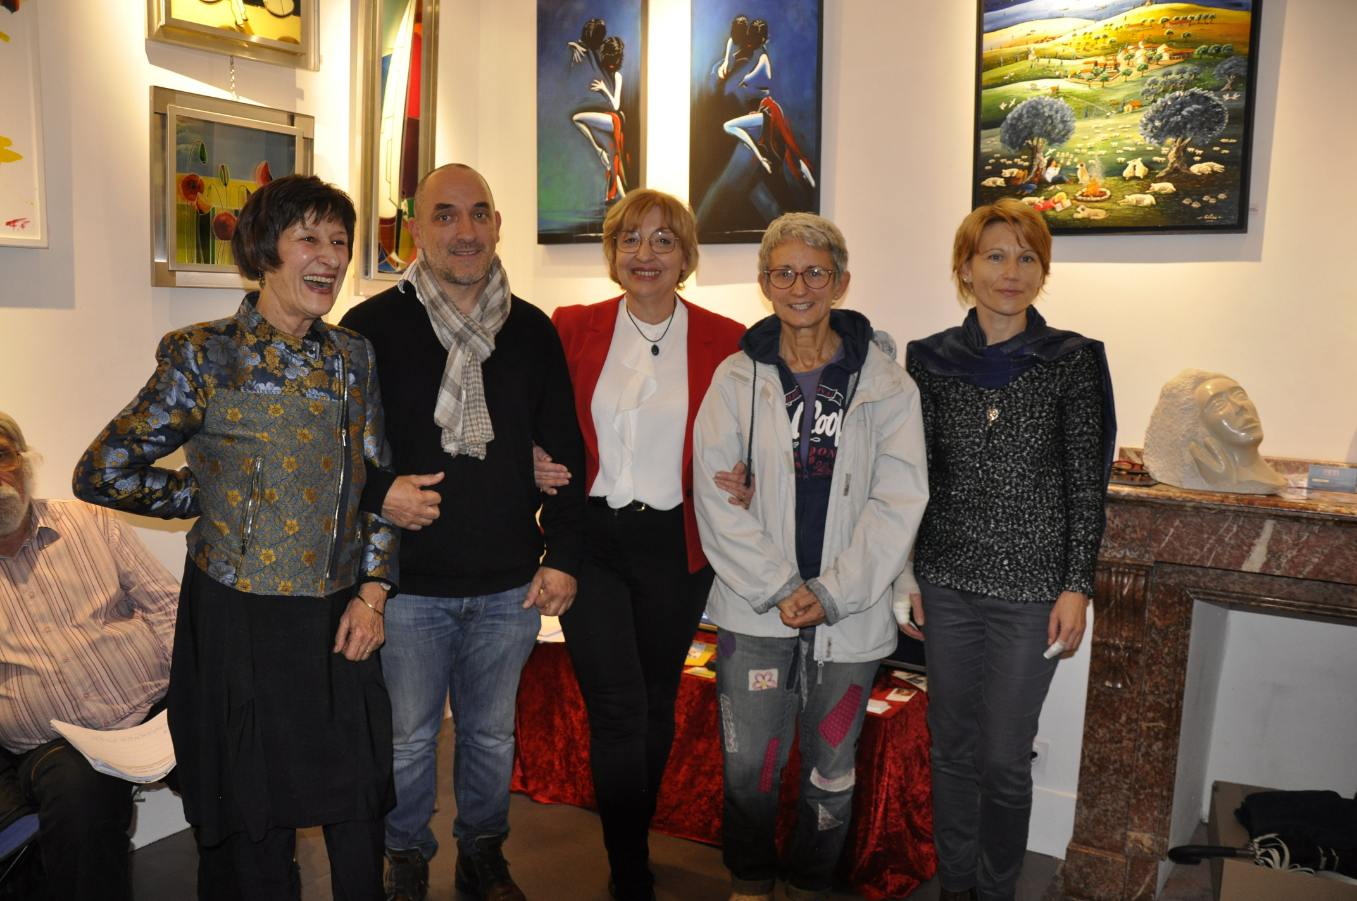 Gilles Lavie et autres lauréats de l'expo-concours de la galerie Mage (Toulouse), novembre 2019